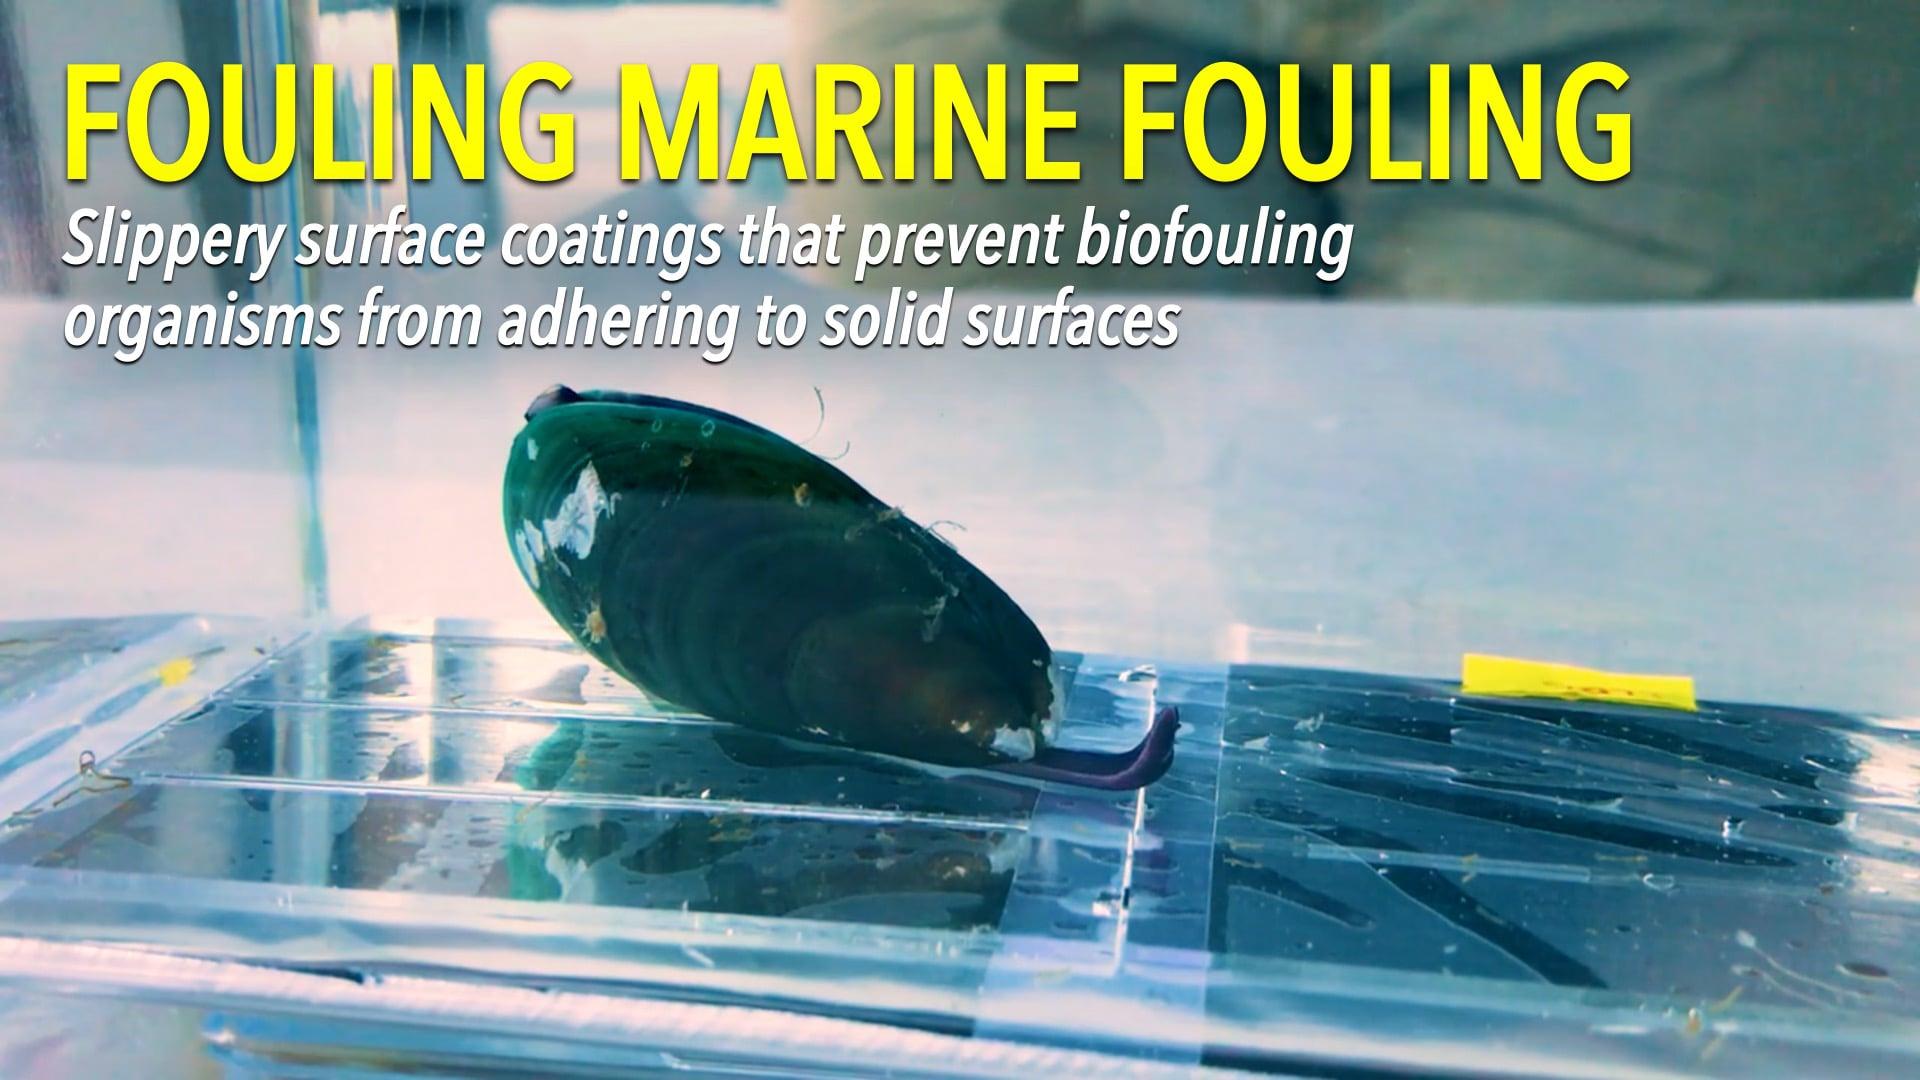 Fouling Marine Fouling